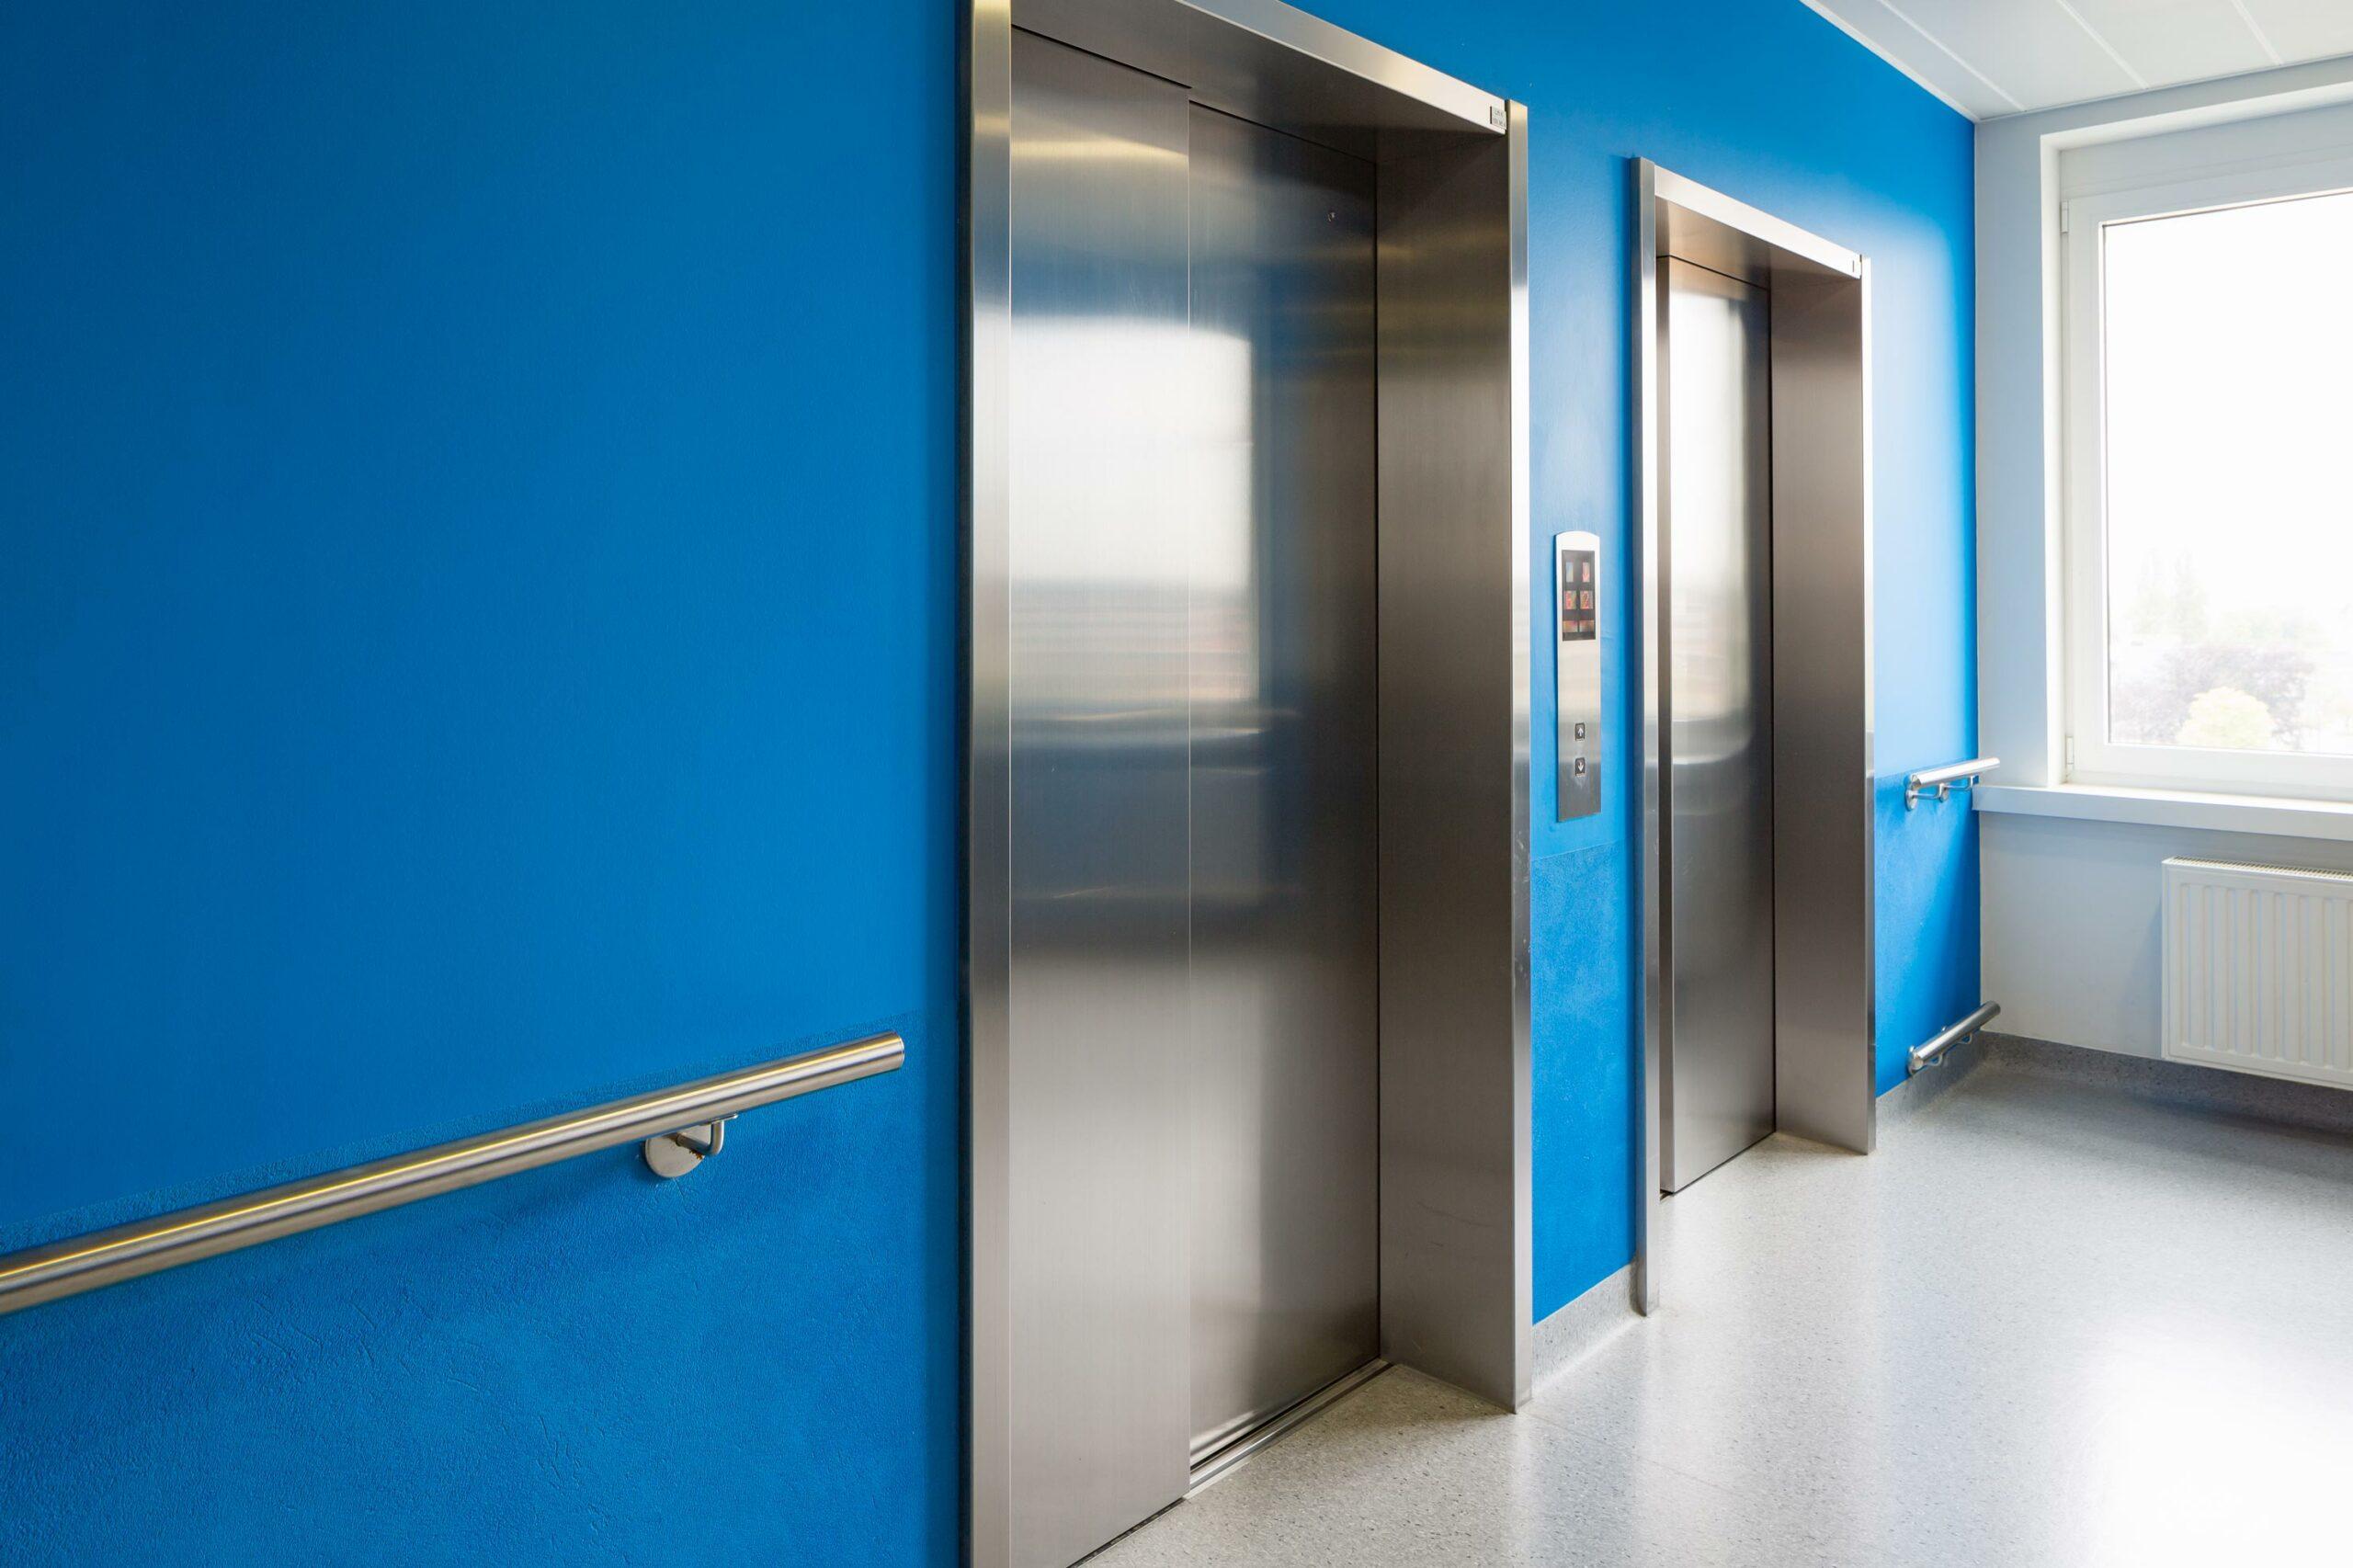 Schilderwerk binnenkant gebouw, blauwe muren